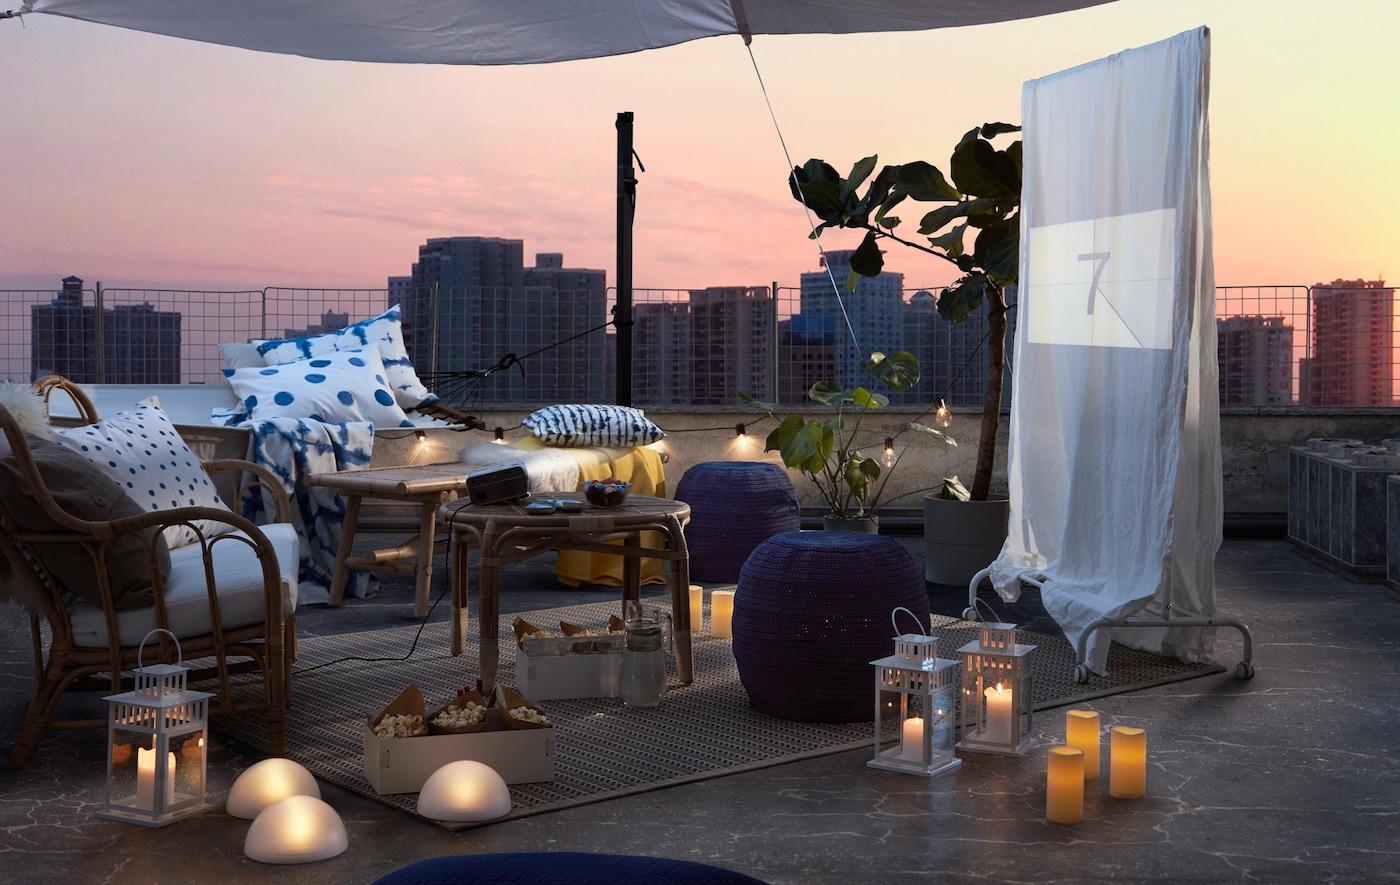 Terraço, disposição de assentos ao ar livre, iluminação LED e têxteis ao anoitecer. Um ecrã improvisado com um filme prestes a começar.